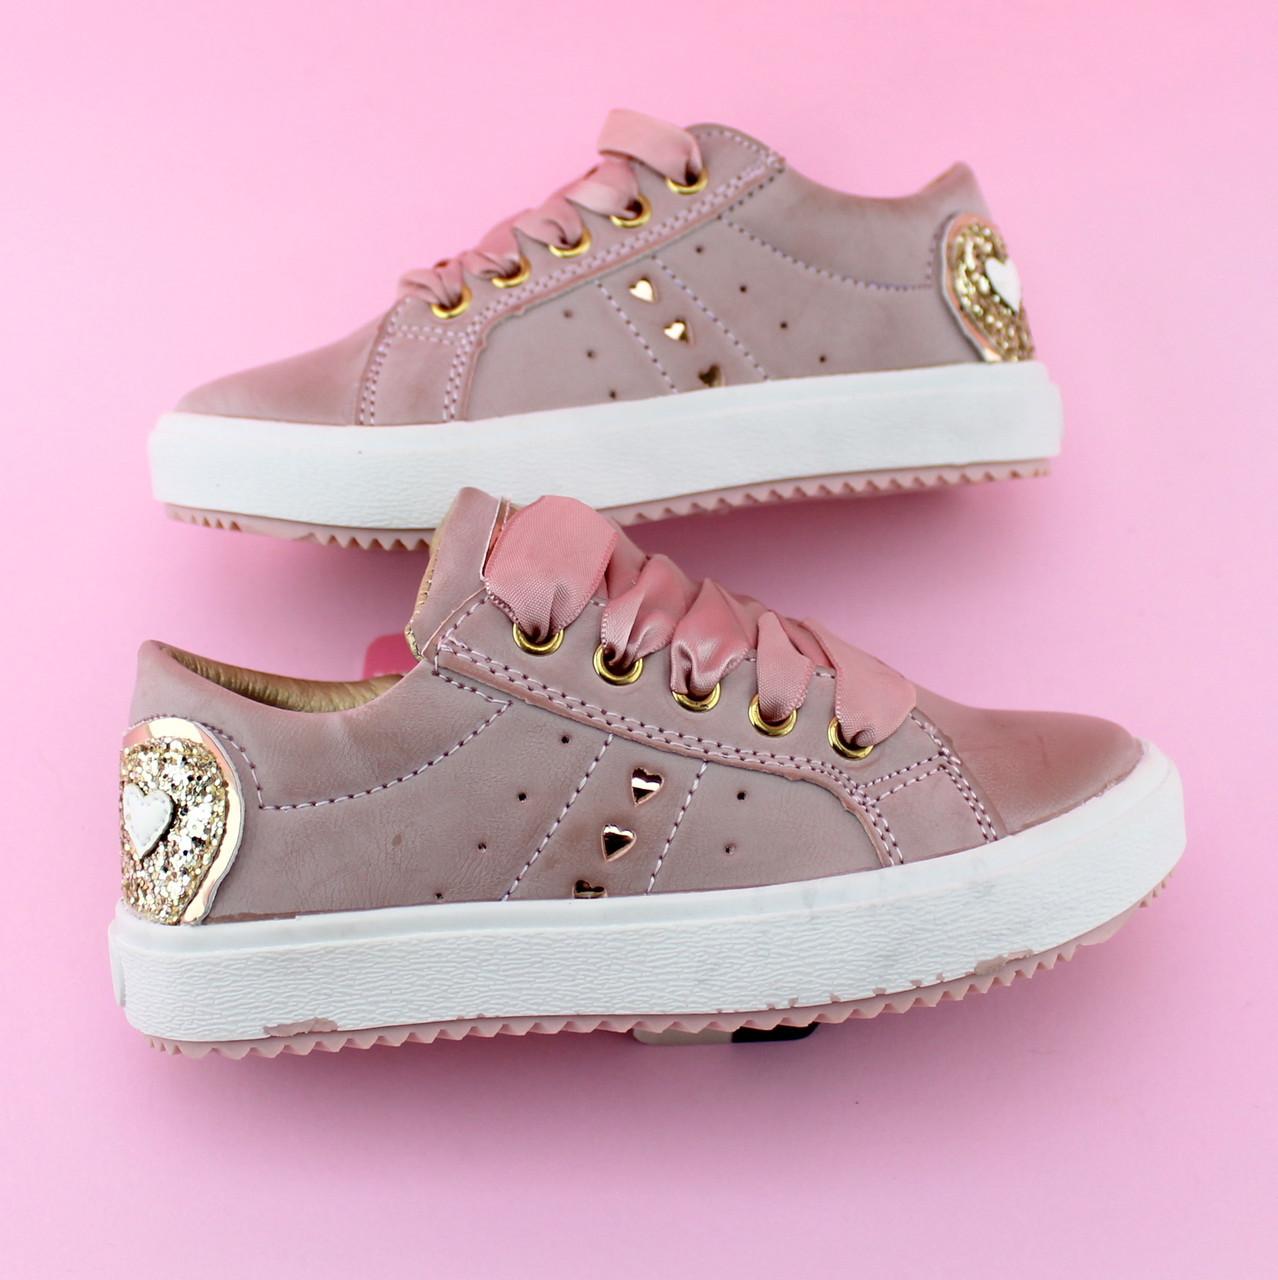 Детские слипоны детские кеды девочке розовая пудра бренд обуви Том.м размер 25